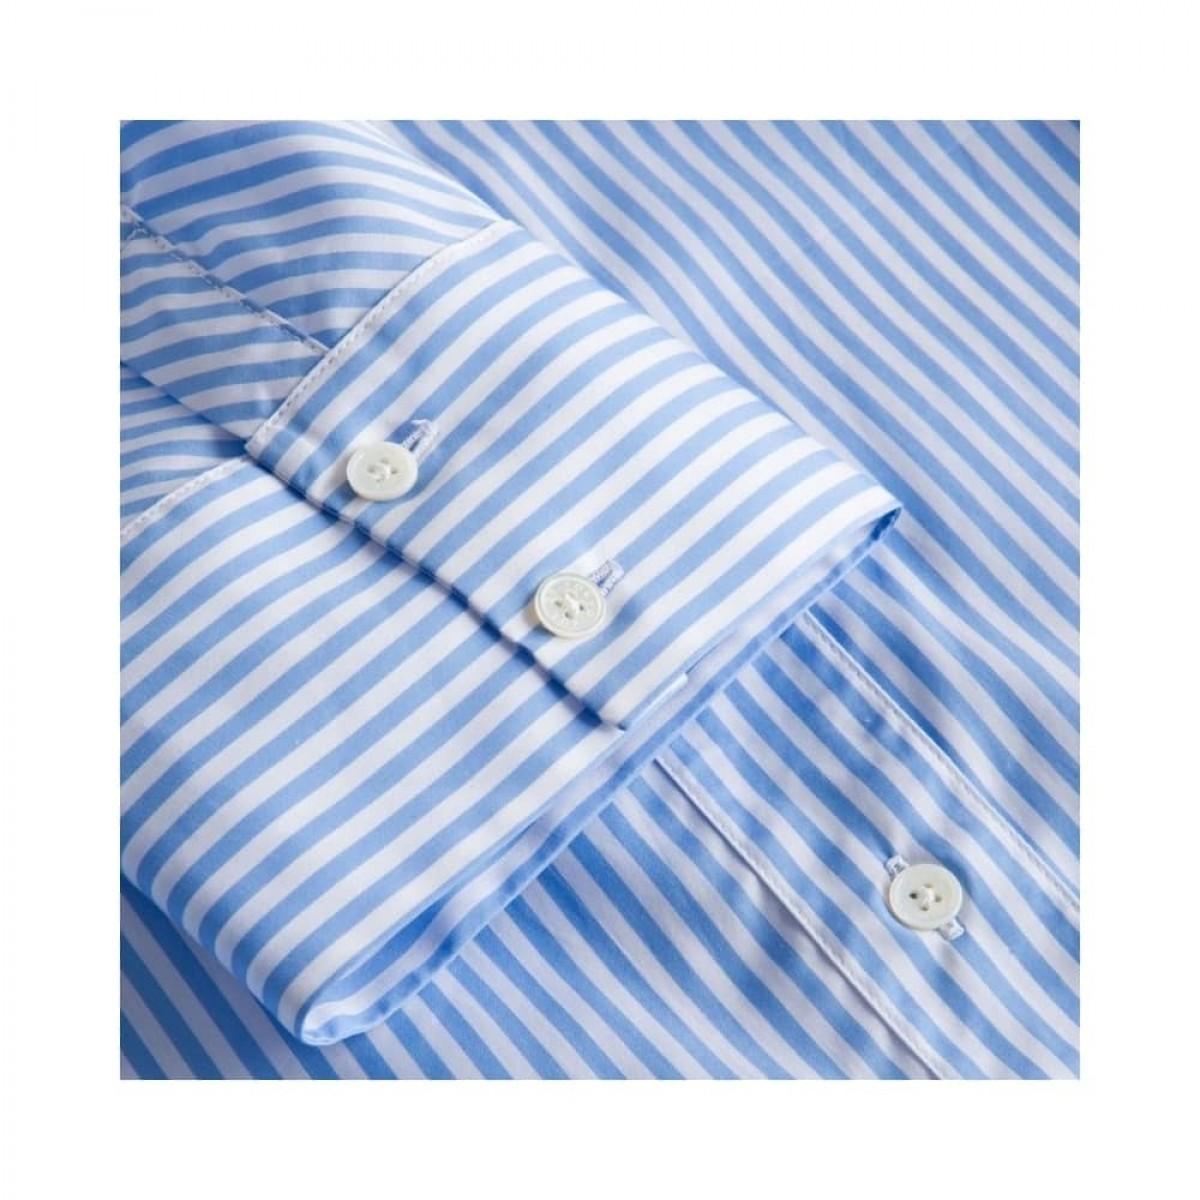 silje kort ærmet skjorte - light blue/white stripe - ærme